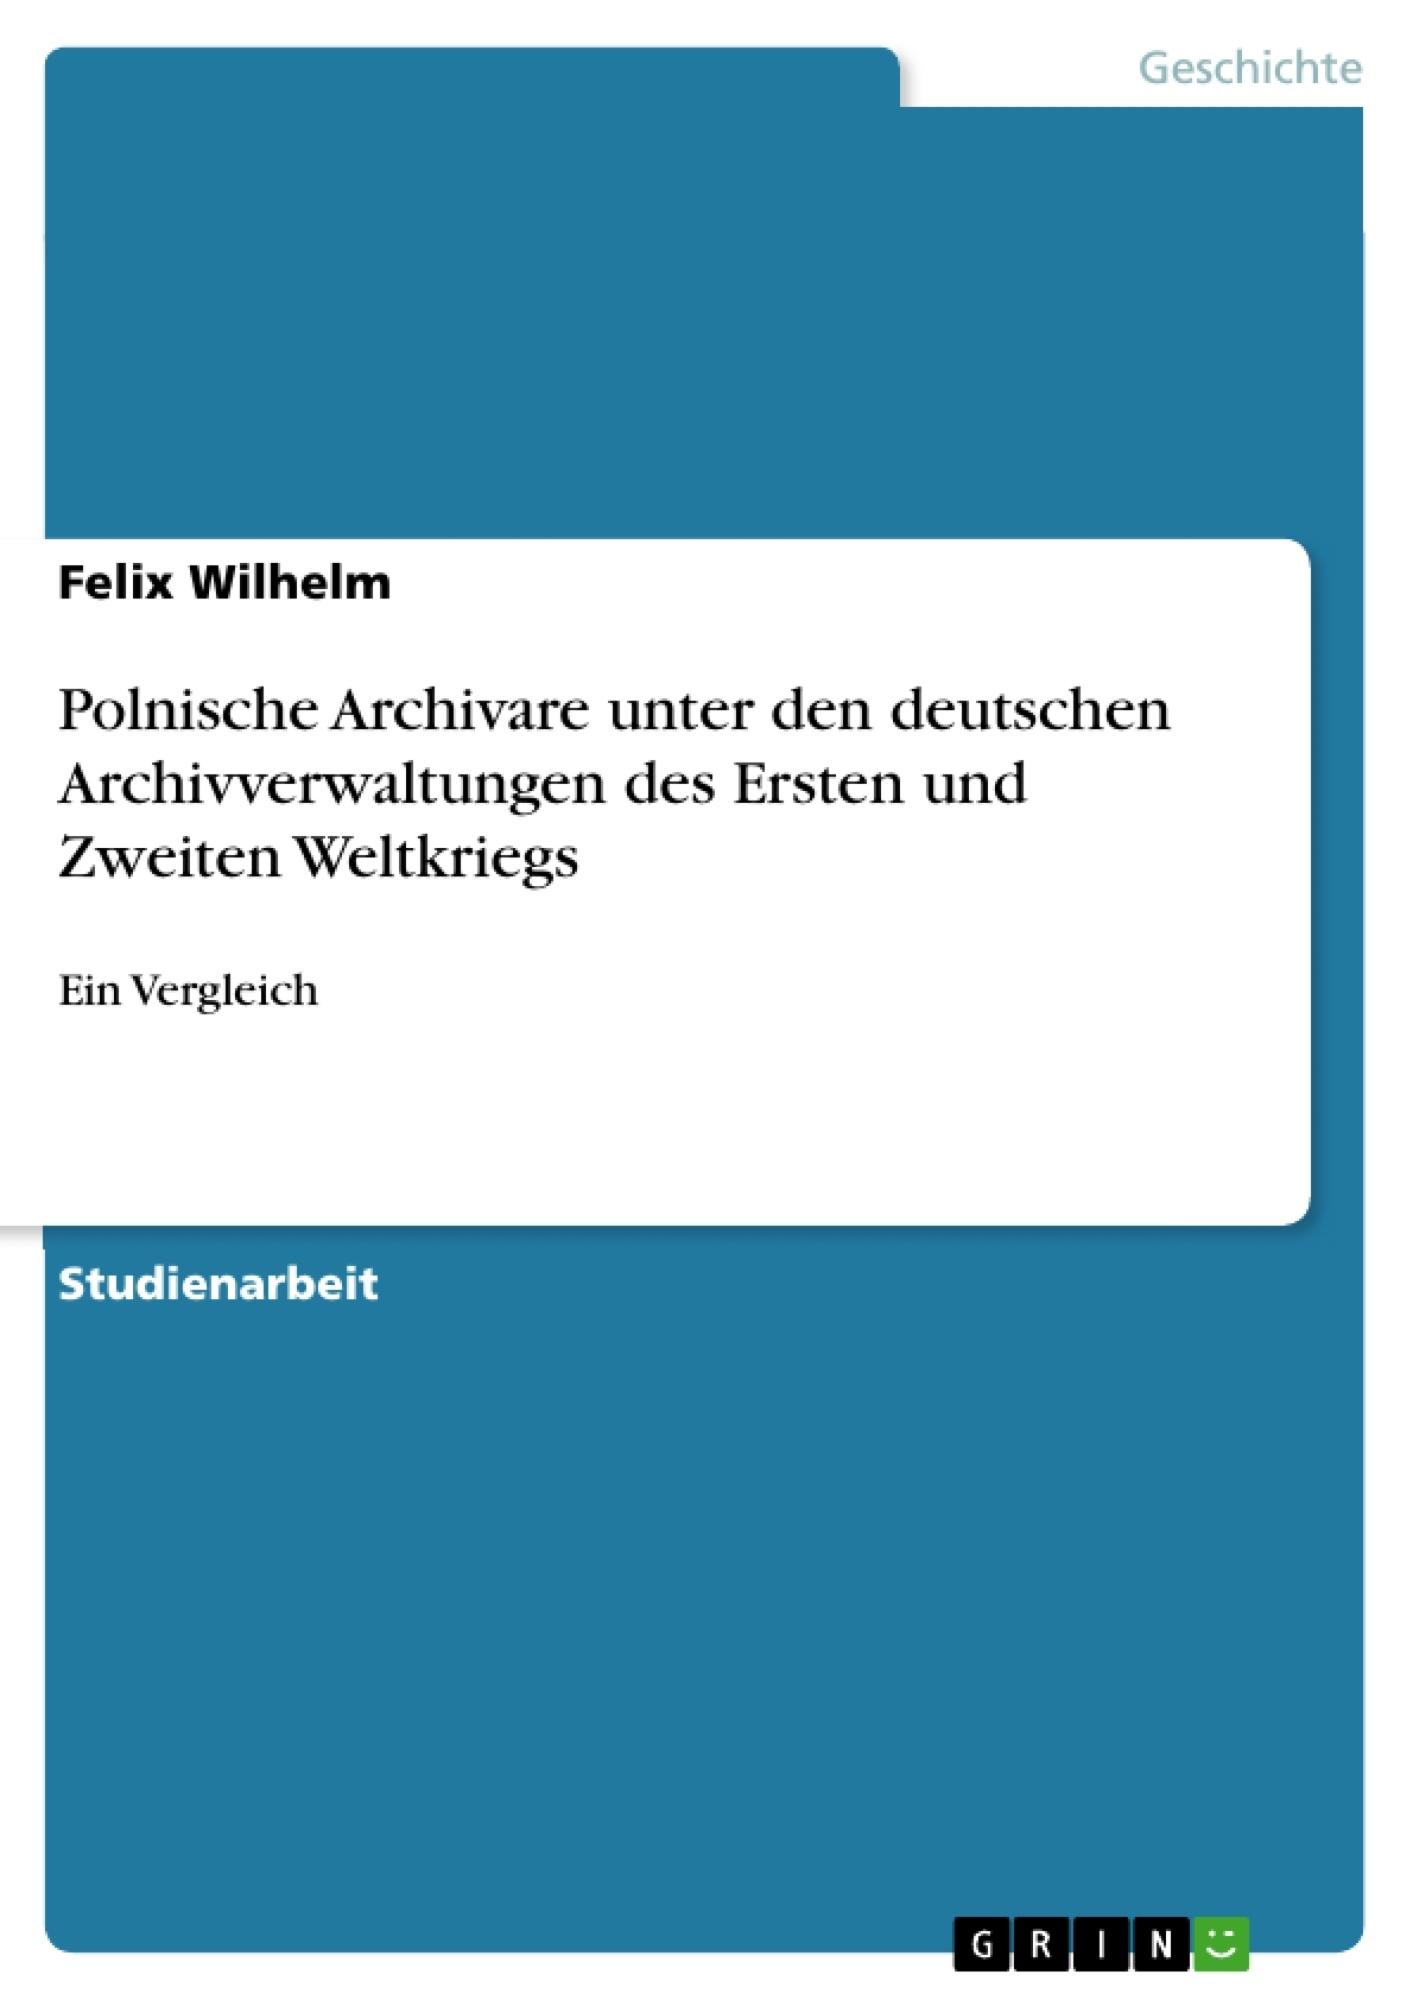 Titel: Polnische Archivare unter den deutschen Archivverwaltungen des Ersten und Zweiten Weltkriegs